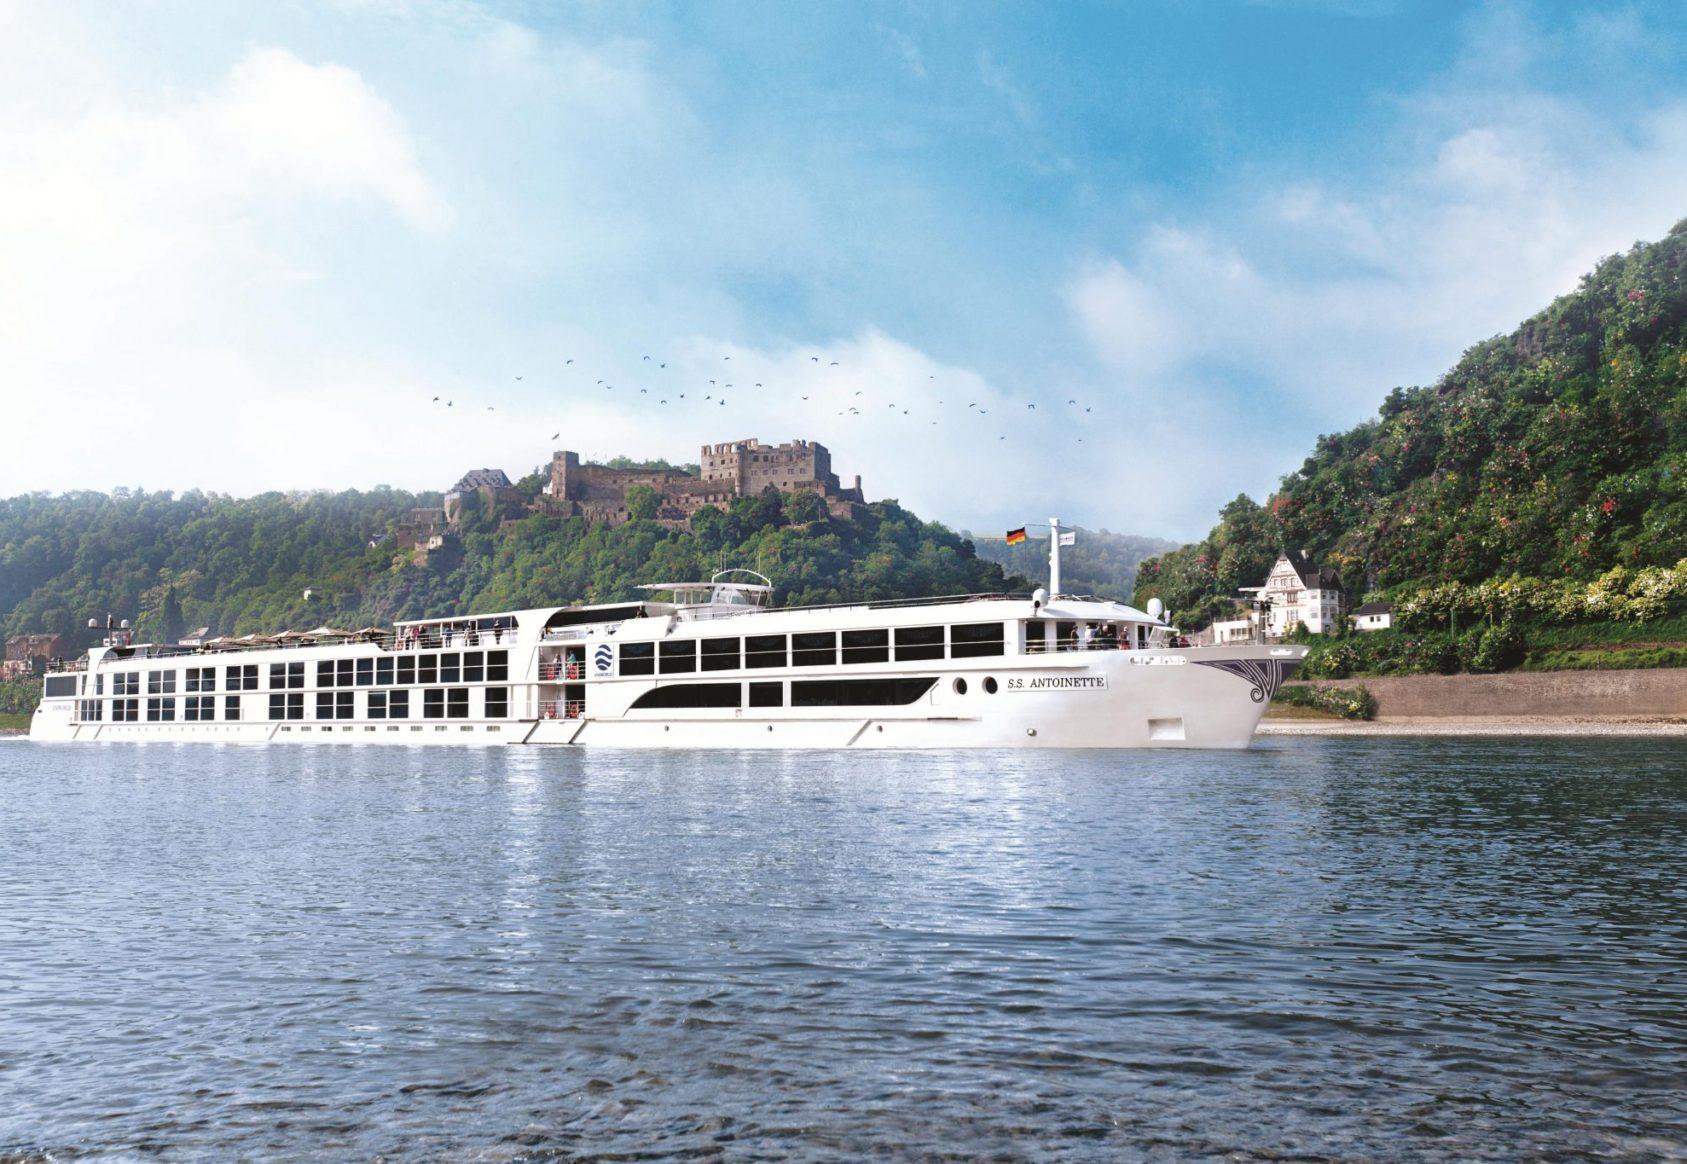 Uniworld SS Antoinette exterior